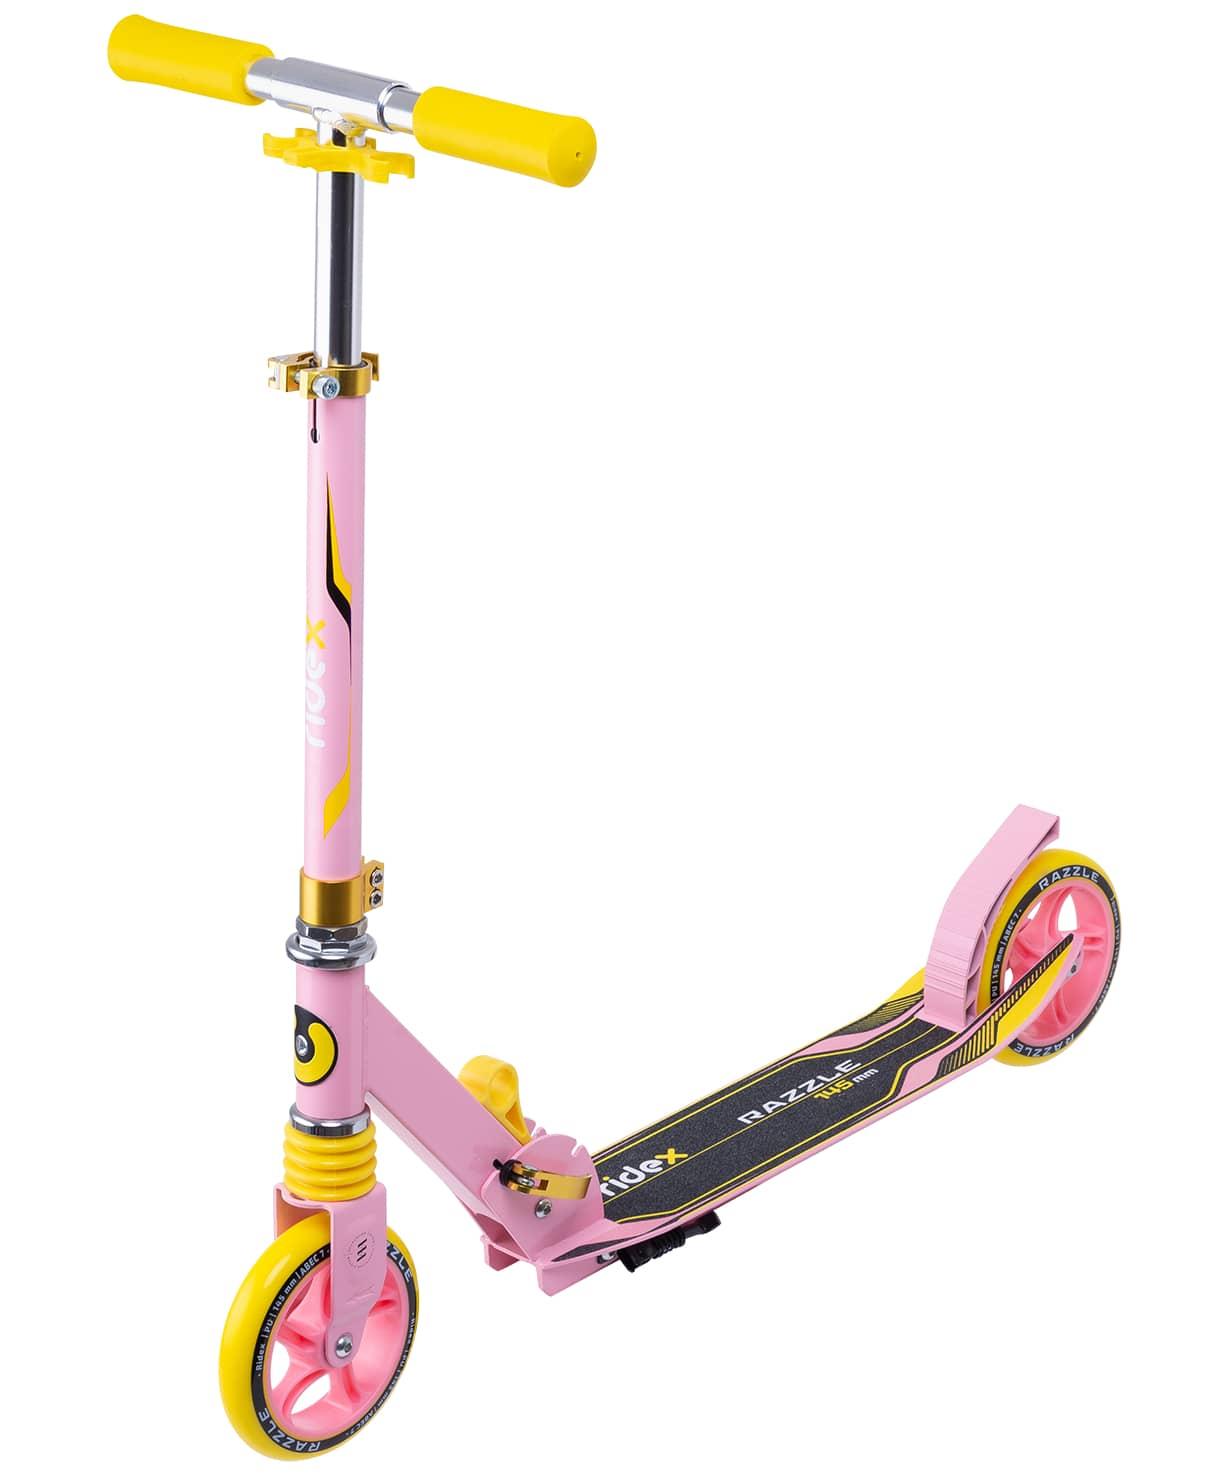 Купить Самокат 2-колесный Ridex Razzle d145 мм, коралловыйжелтый,